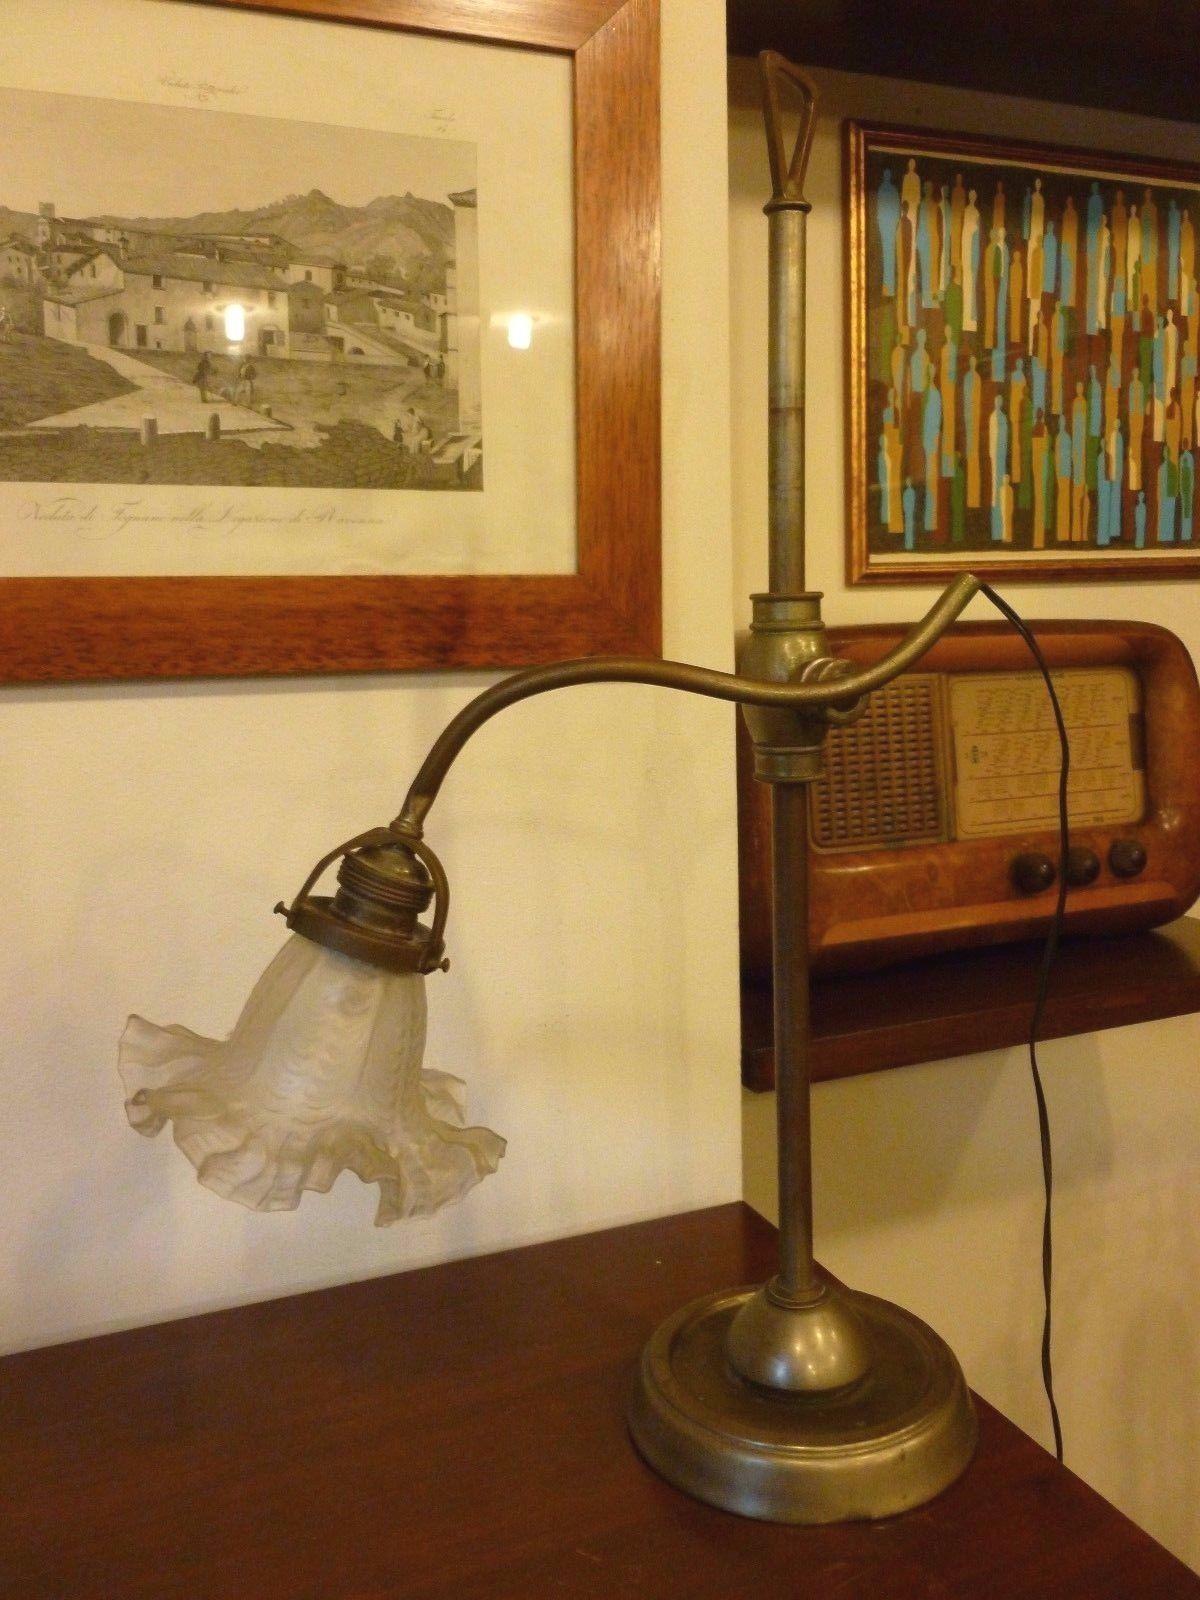 Lampada Da Tavolo Ministeriale Snodabile In Ottone Vintage Anni 50 Design Lamp Eur 80 00 Lampada Da Tavo Lampade Da Tavolo Vintage Lampade Da Tavolo Lampade